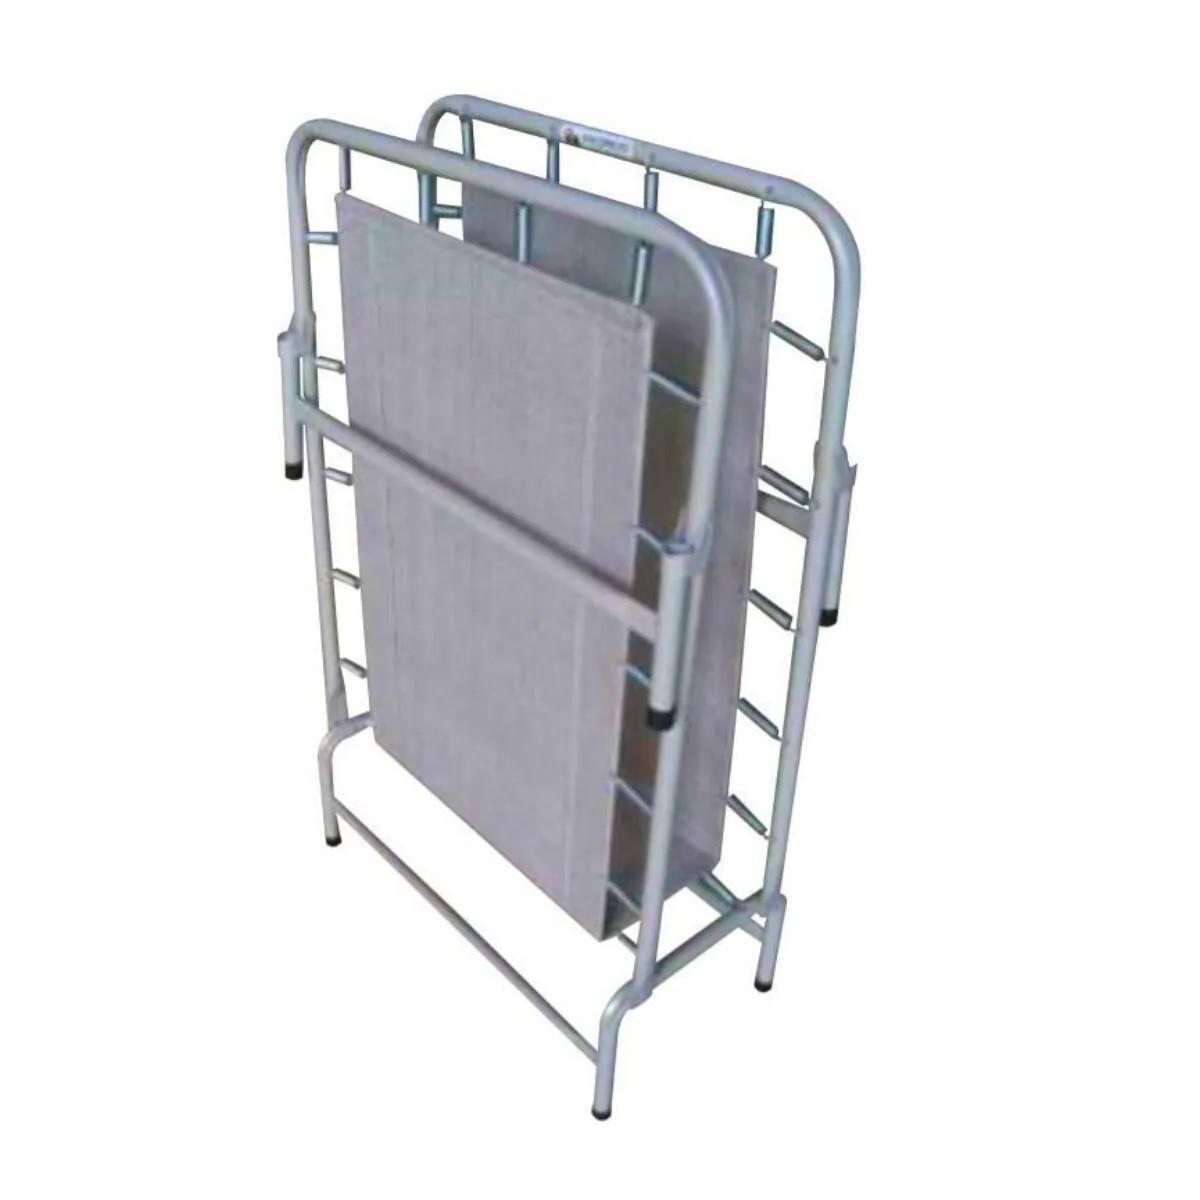 Cama Dobrável Em Aço CP SEM COLCHONETE 90kg Hashigo - CP H-155